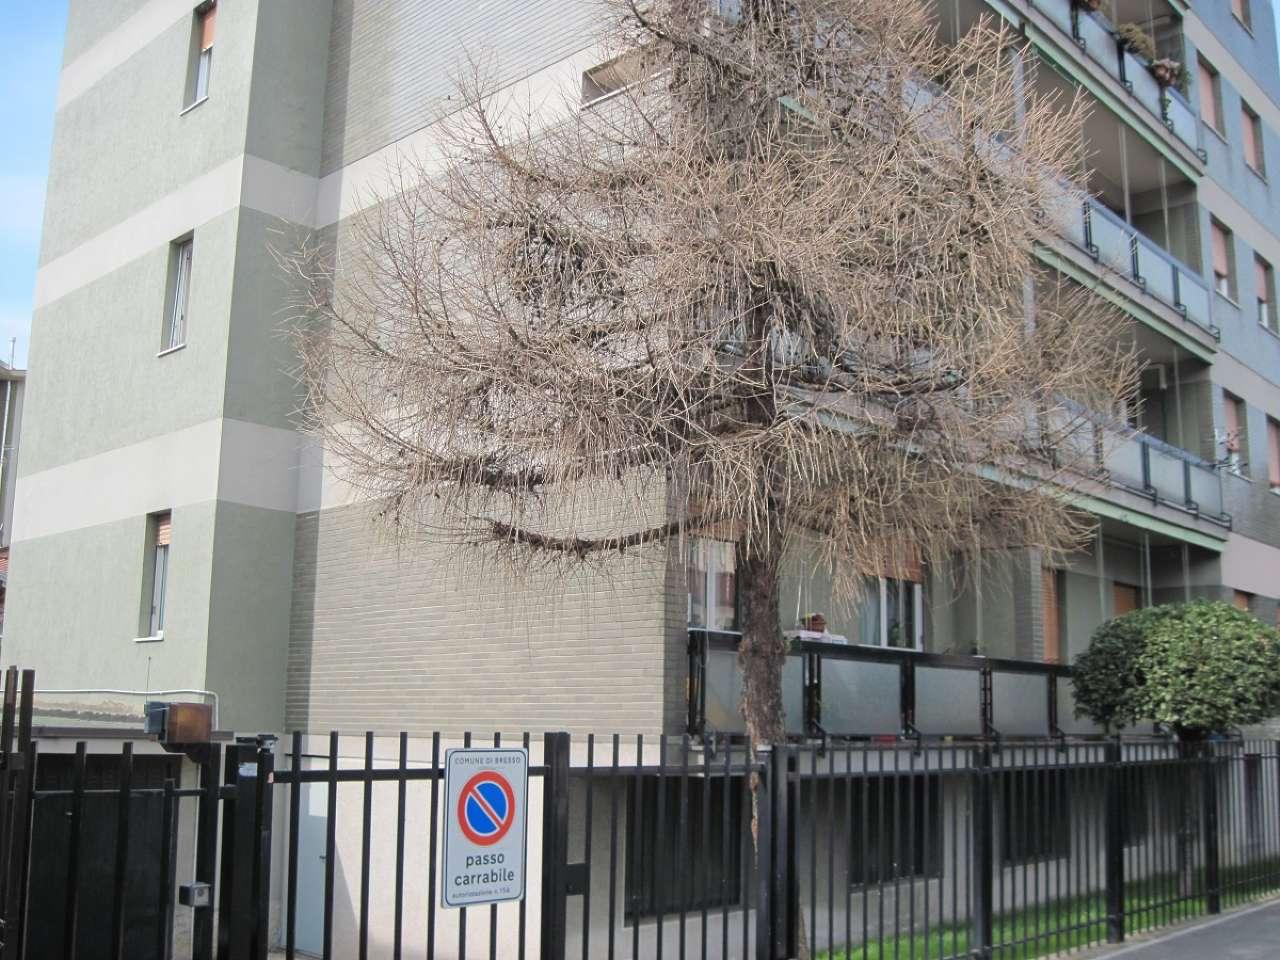 Laboratorio in vendita a Bresso, 1 locali, prezzo € 100.000 | CambioCasa.it